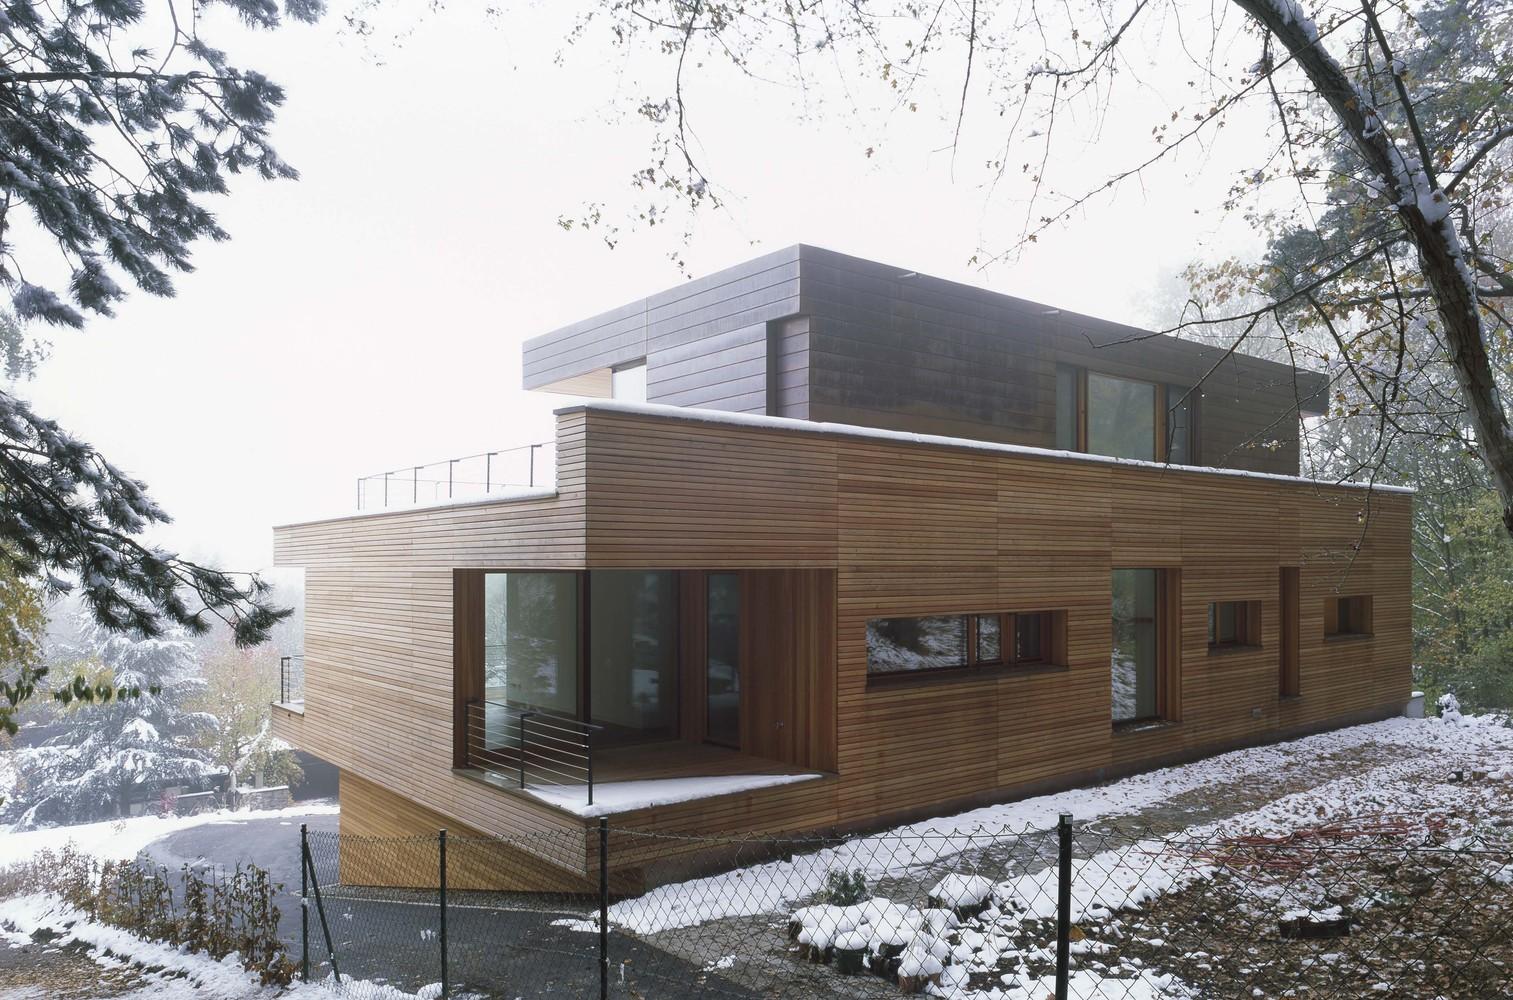 Architekten Heilbronn gallery of house heilbronn k m architektur 7